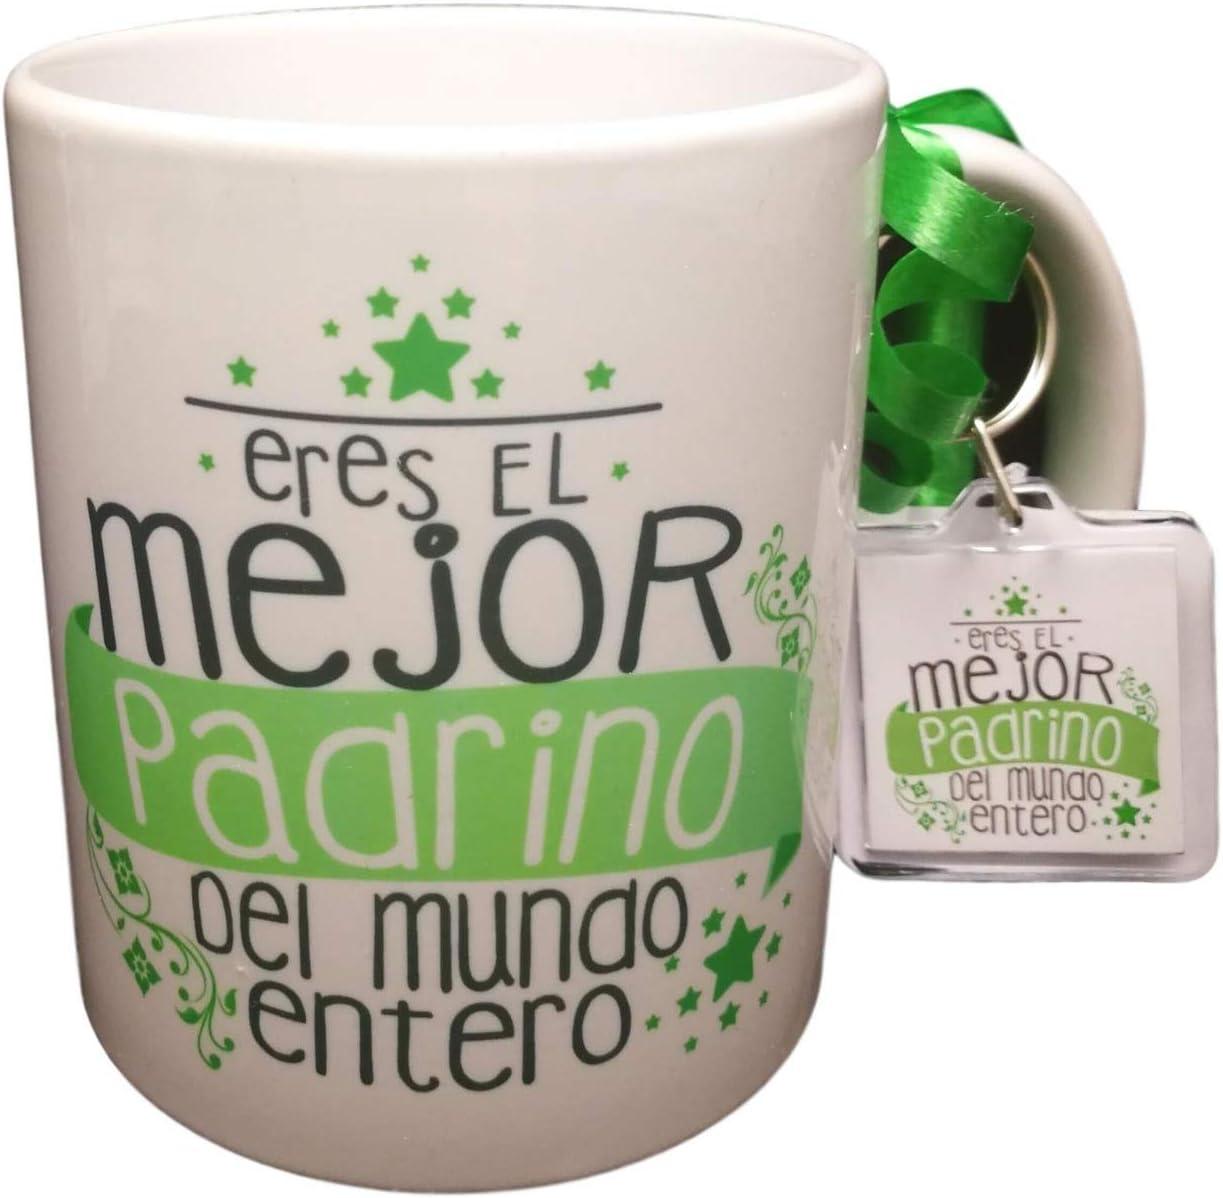 Taza con Llavero de Regalo, con Frase Eres EL Mejor Padrino del Mundo Entero Regalo Padrino. Regalo Pascua. Taza Original